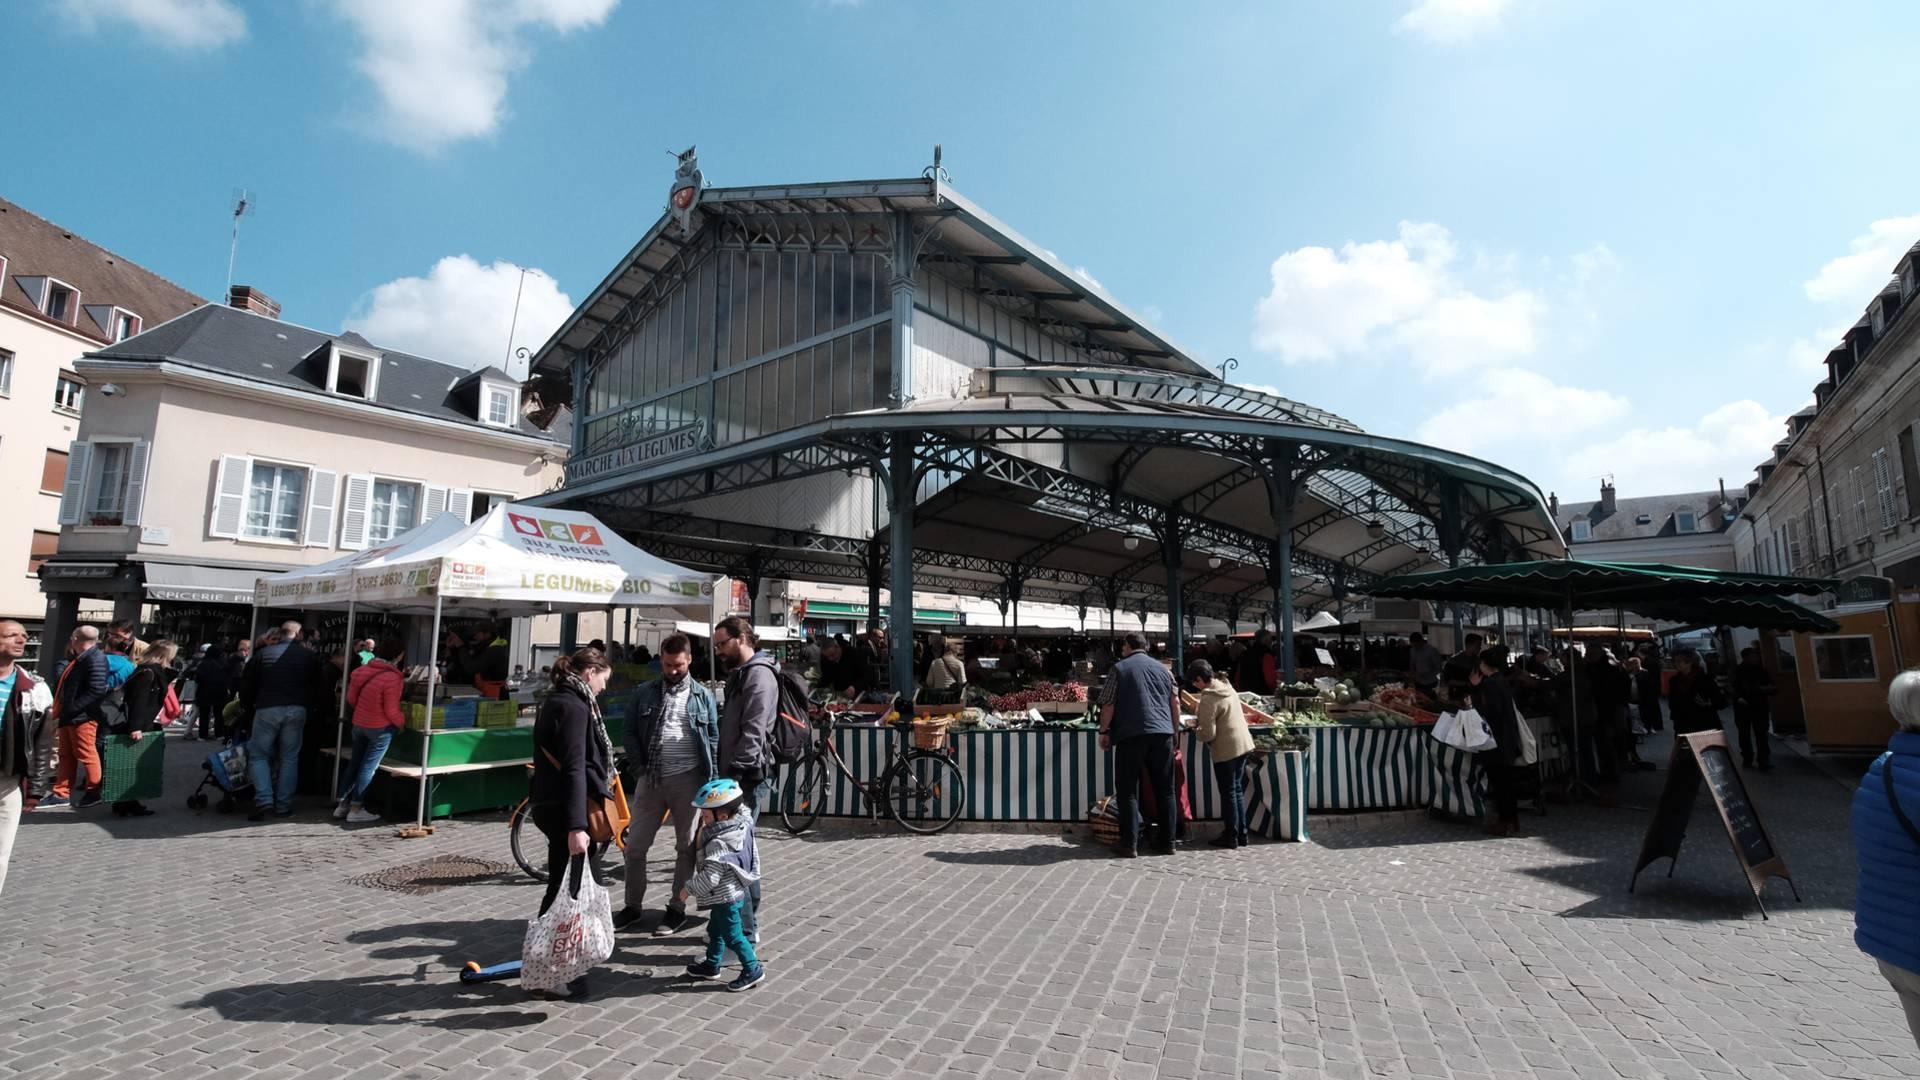 Vue d'ensemble de la place billard à Chartres